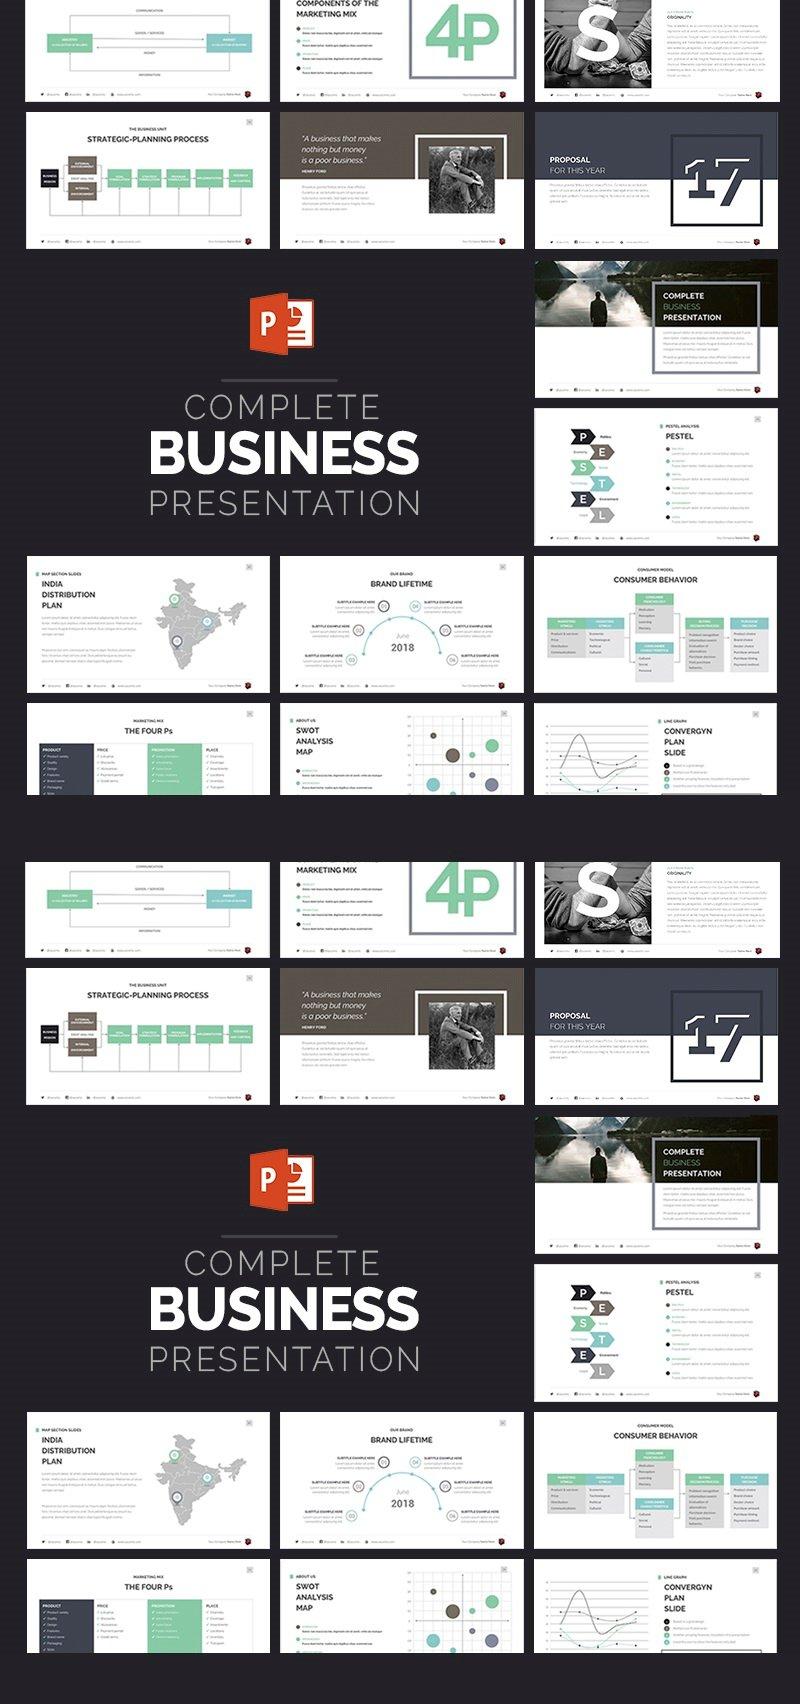 Szablon PowerPoint Complete Business Presentation #63510